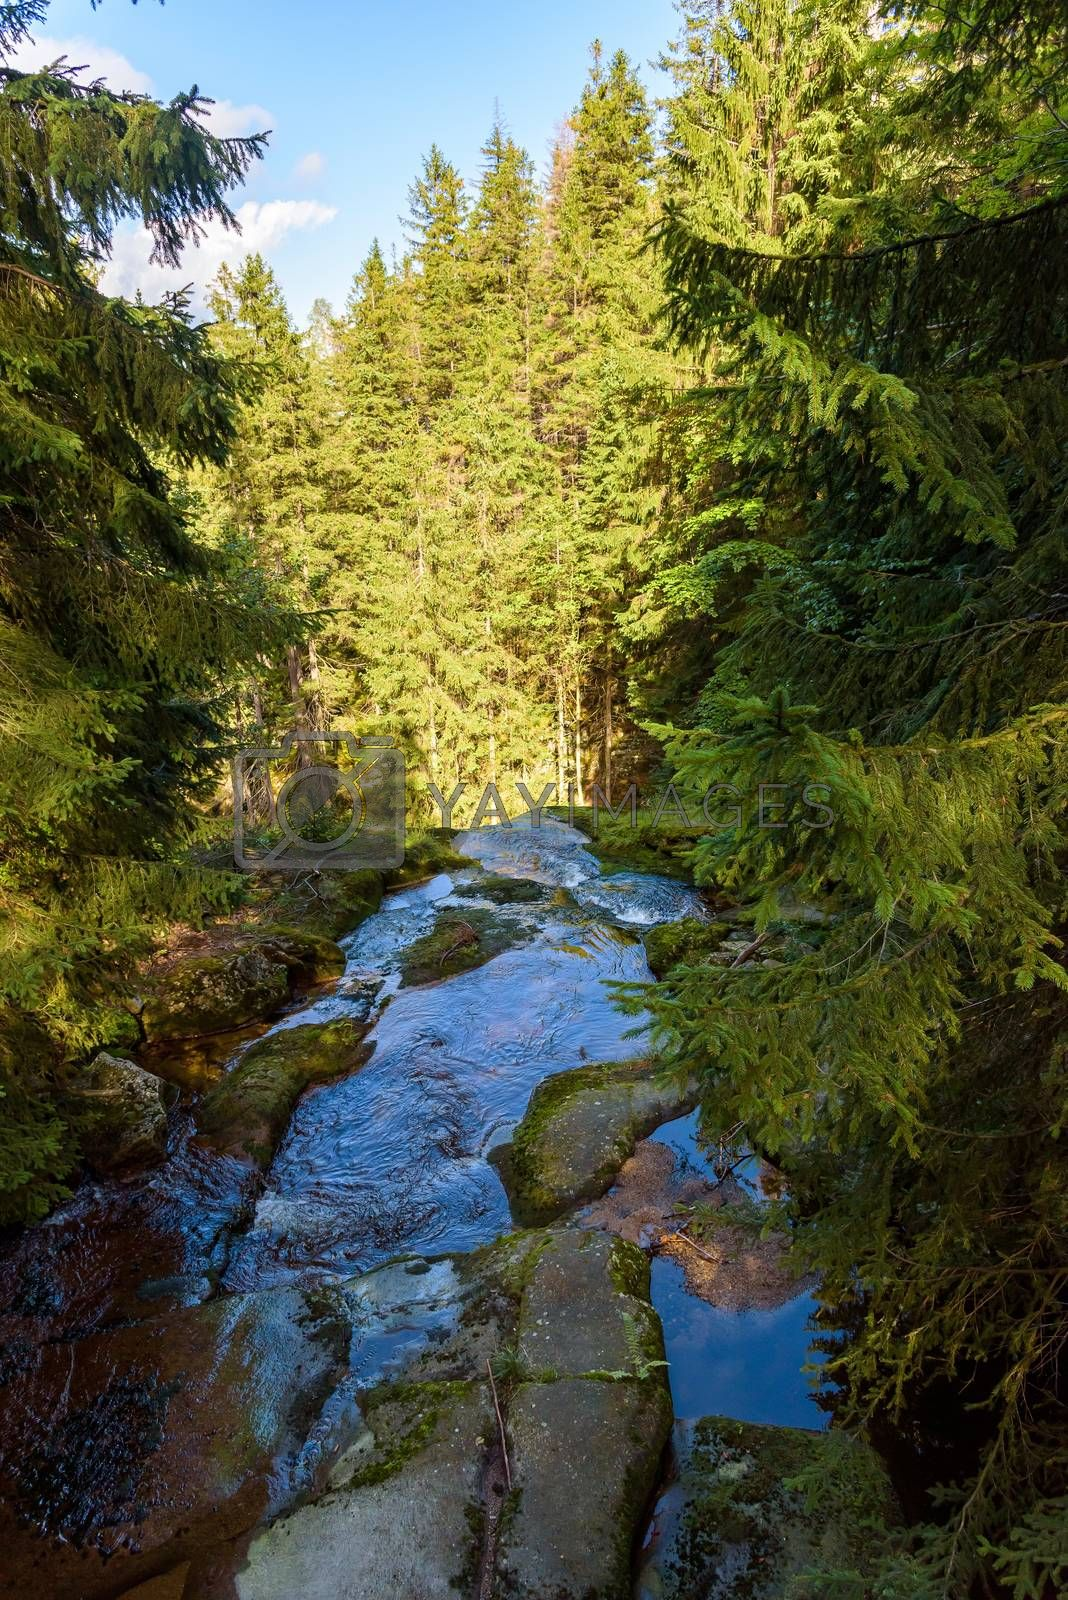 Waterfall edge on Kamienczyk river in Giant Mountains near Szklarska Poreba, Poland